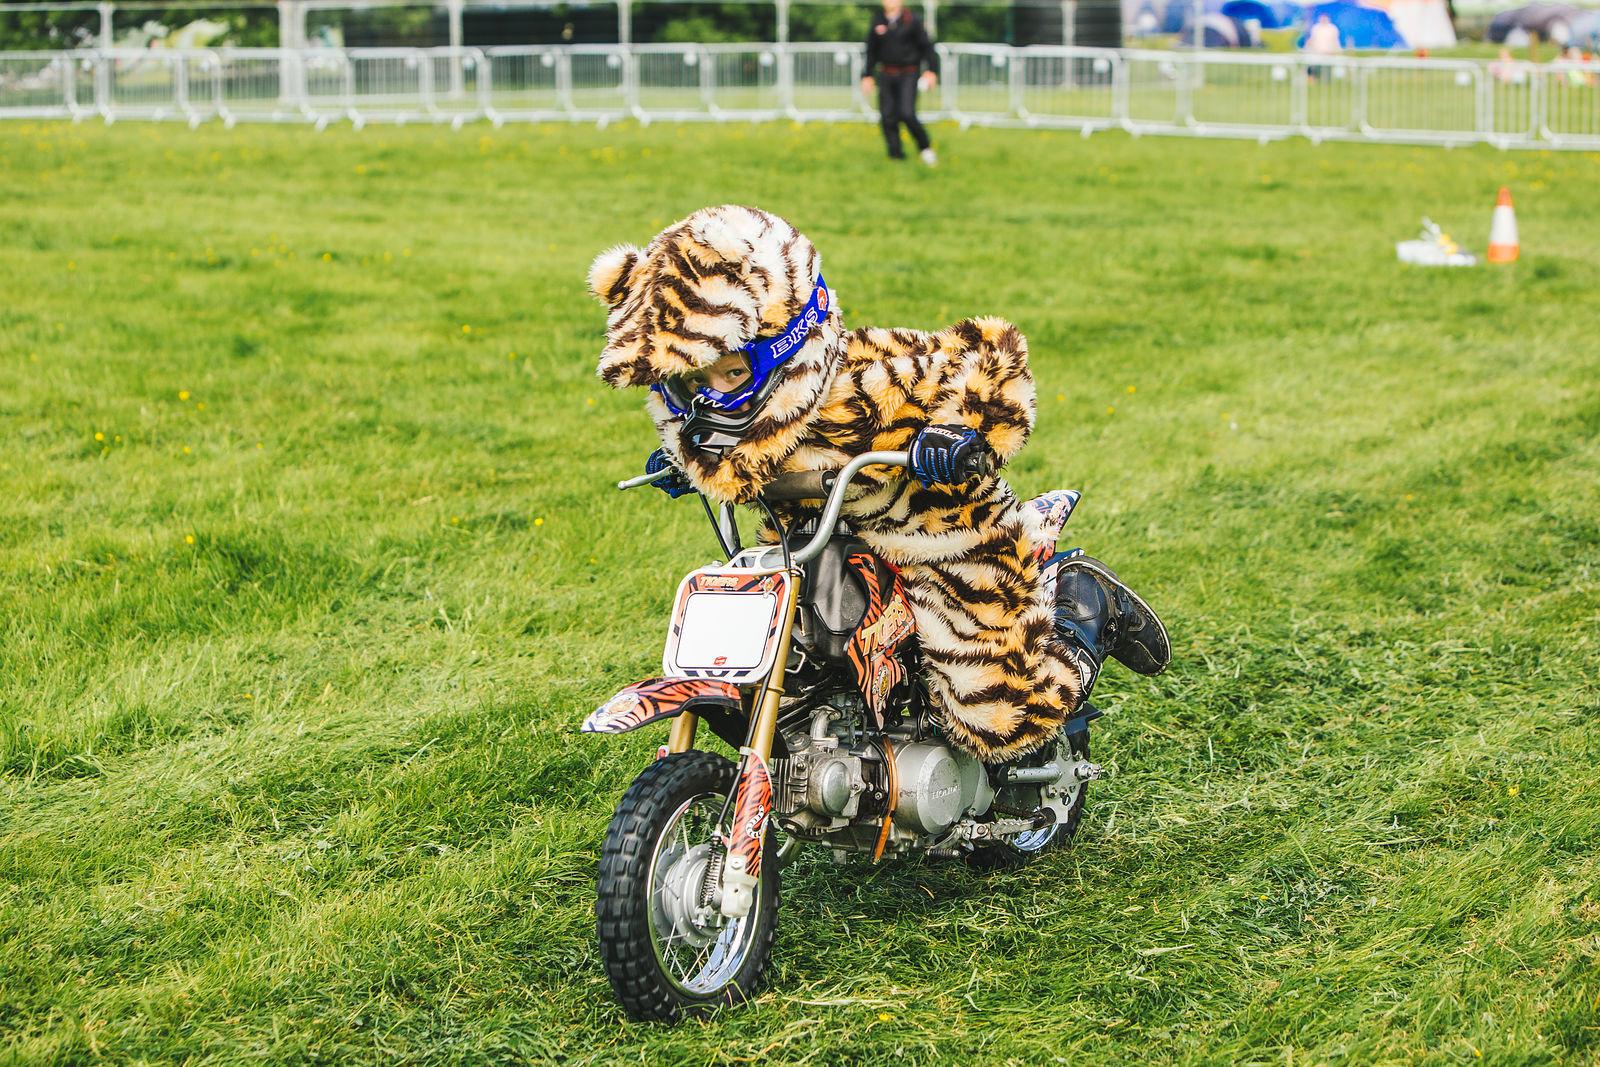 Tigers Motorcycle Display